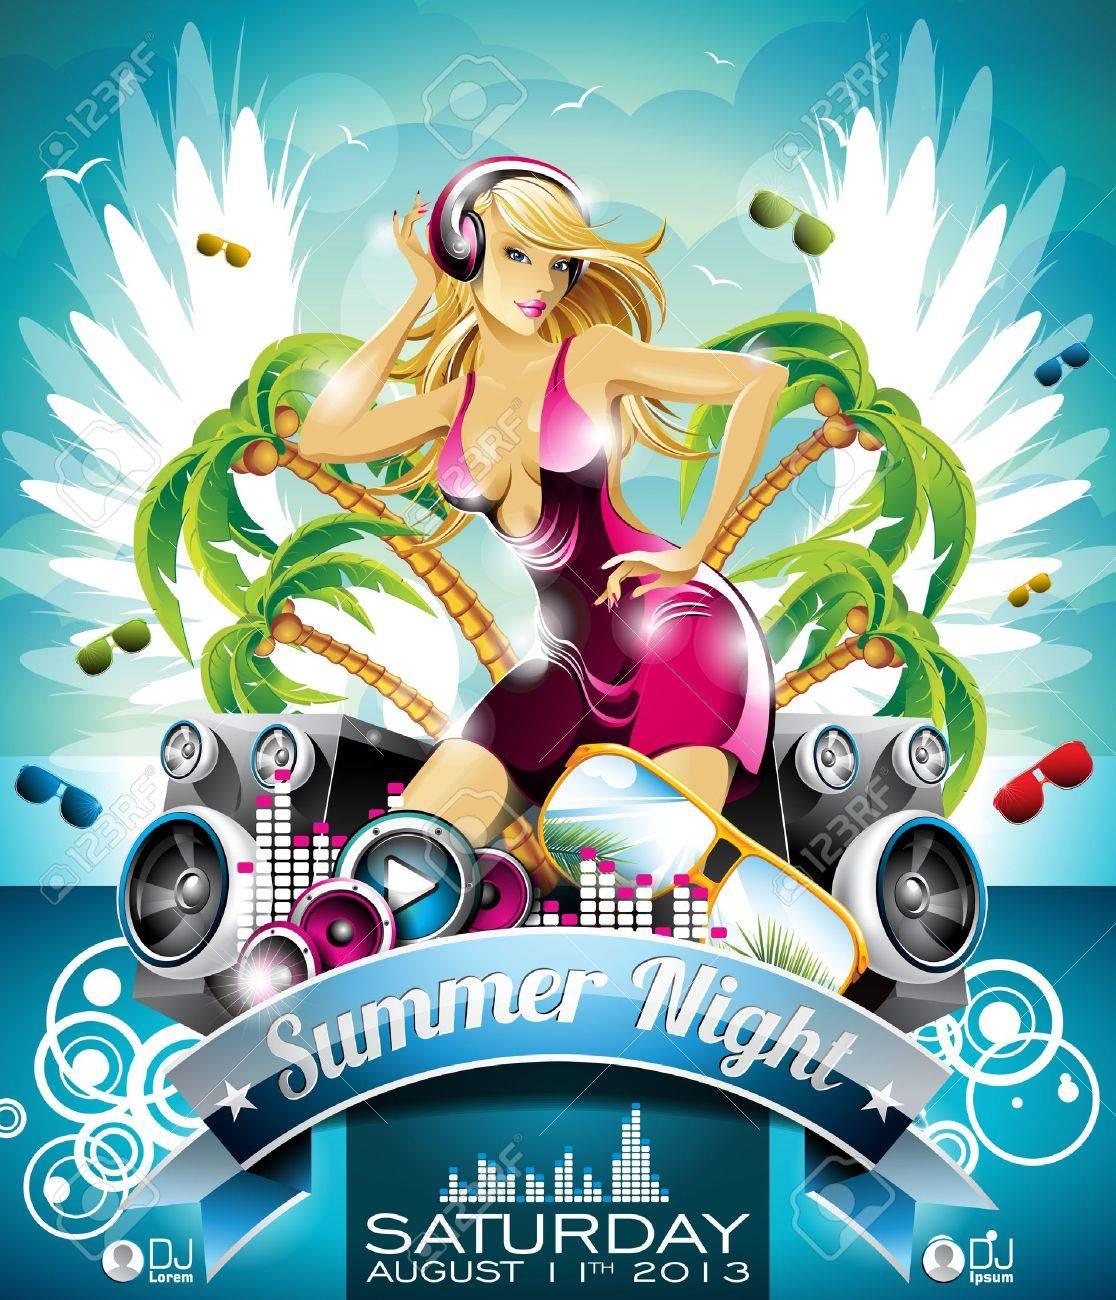 Summer Beach Party Flyer-Design Mit Sexy Mädchen Und Lautsprecher ...